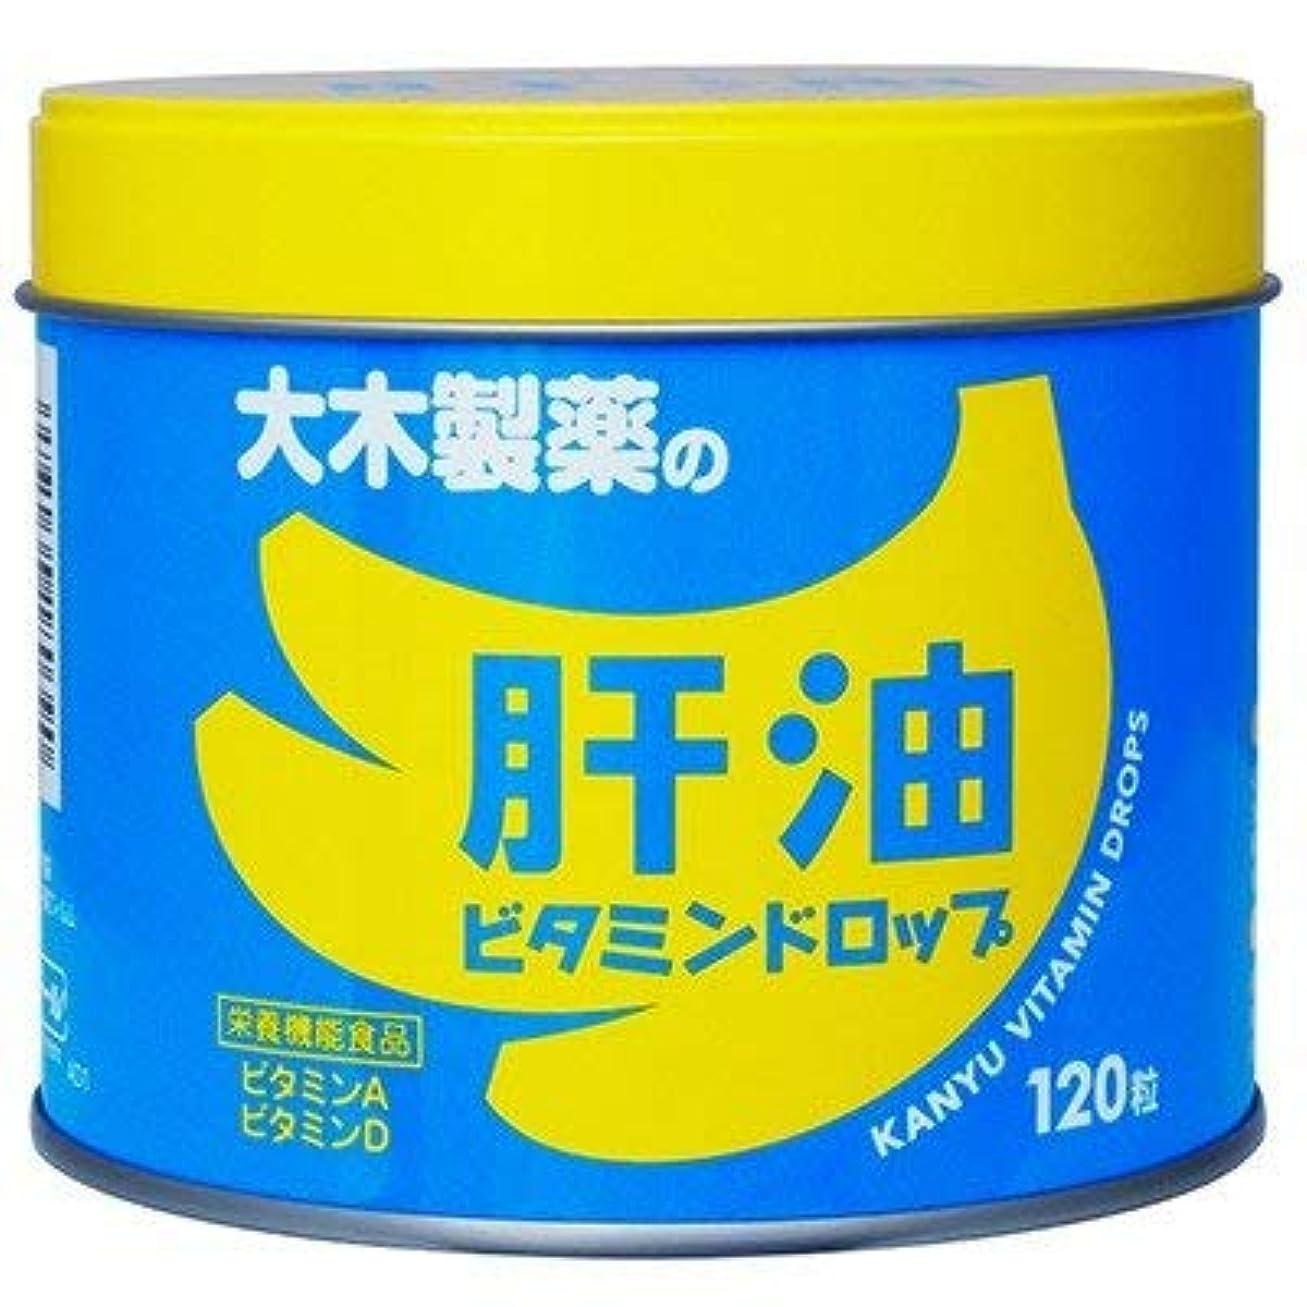 言い訳責める野望大木製薬 肝油ビタミンドロップ (栄養機能食品)5個セット